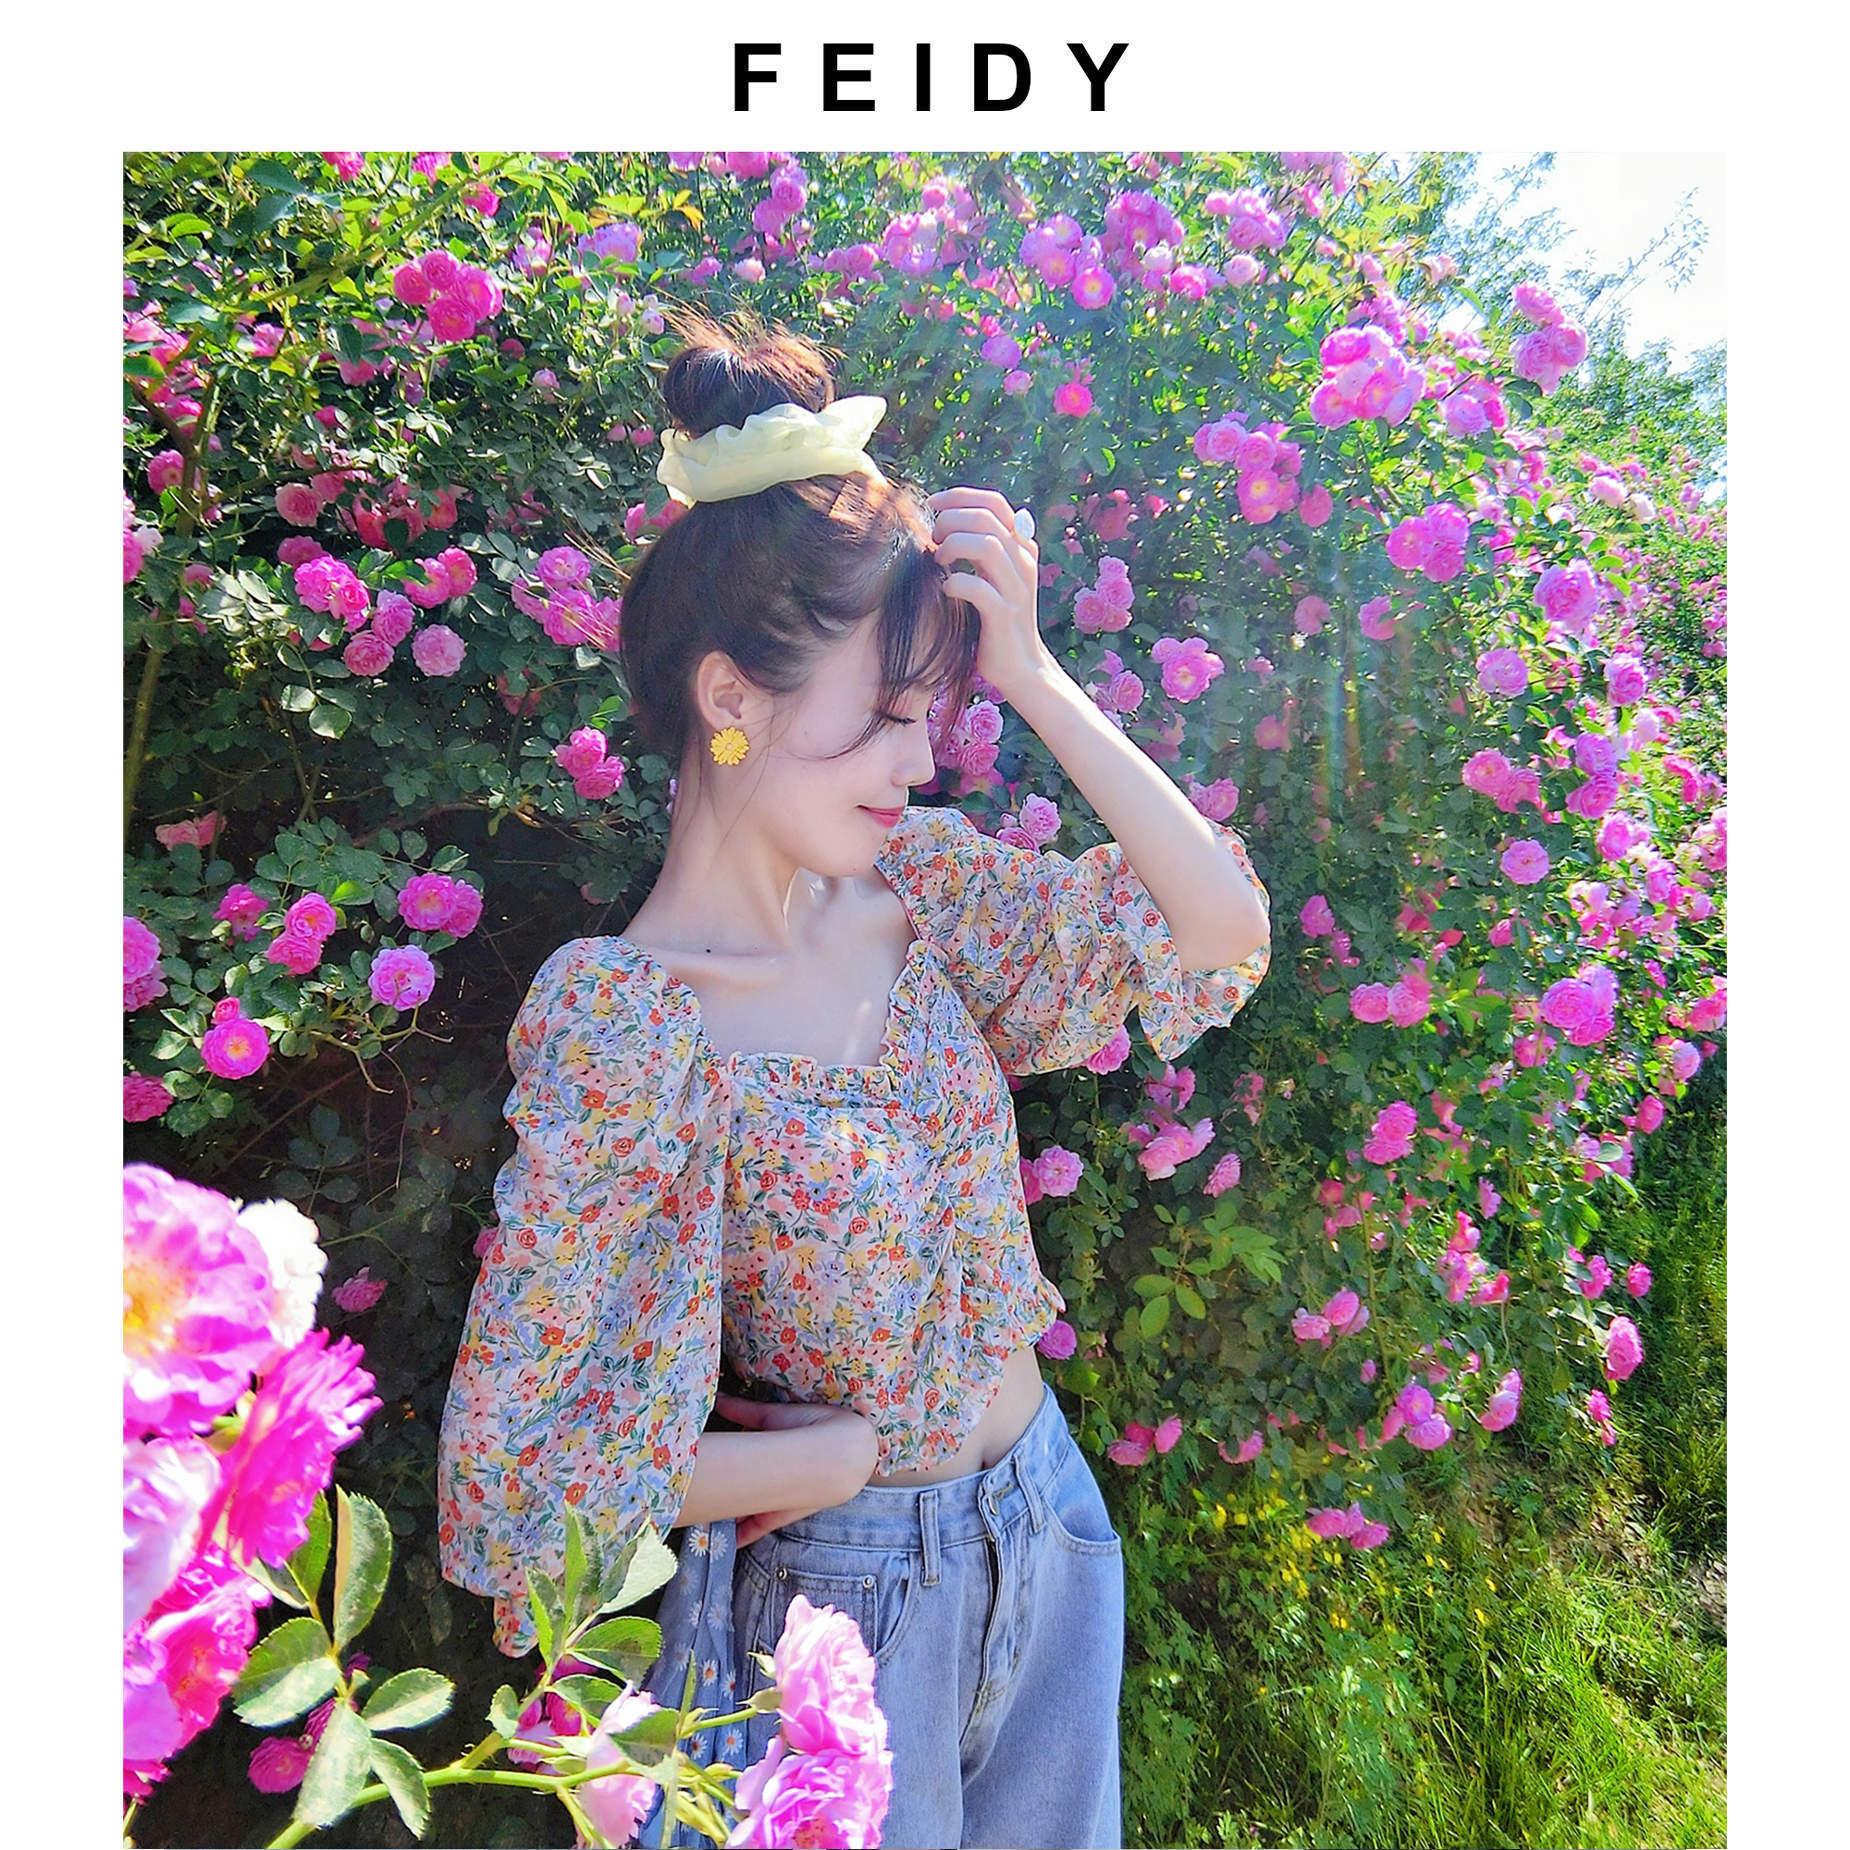 法式衬衫 FEIDY夏季新款浪漫方领泡泡袖衬衫女法式复古碎花露肩短款上衣女_推荐淘宝好看的女法 衬衫